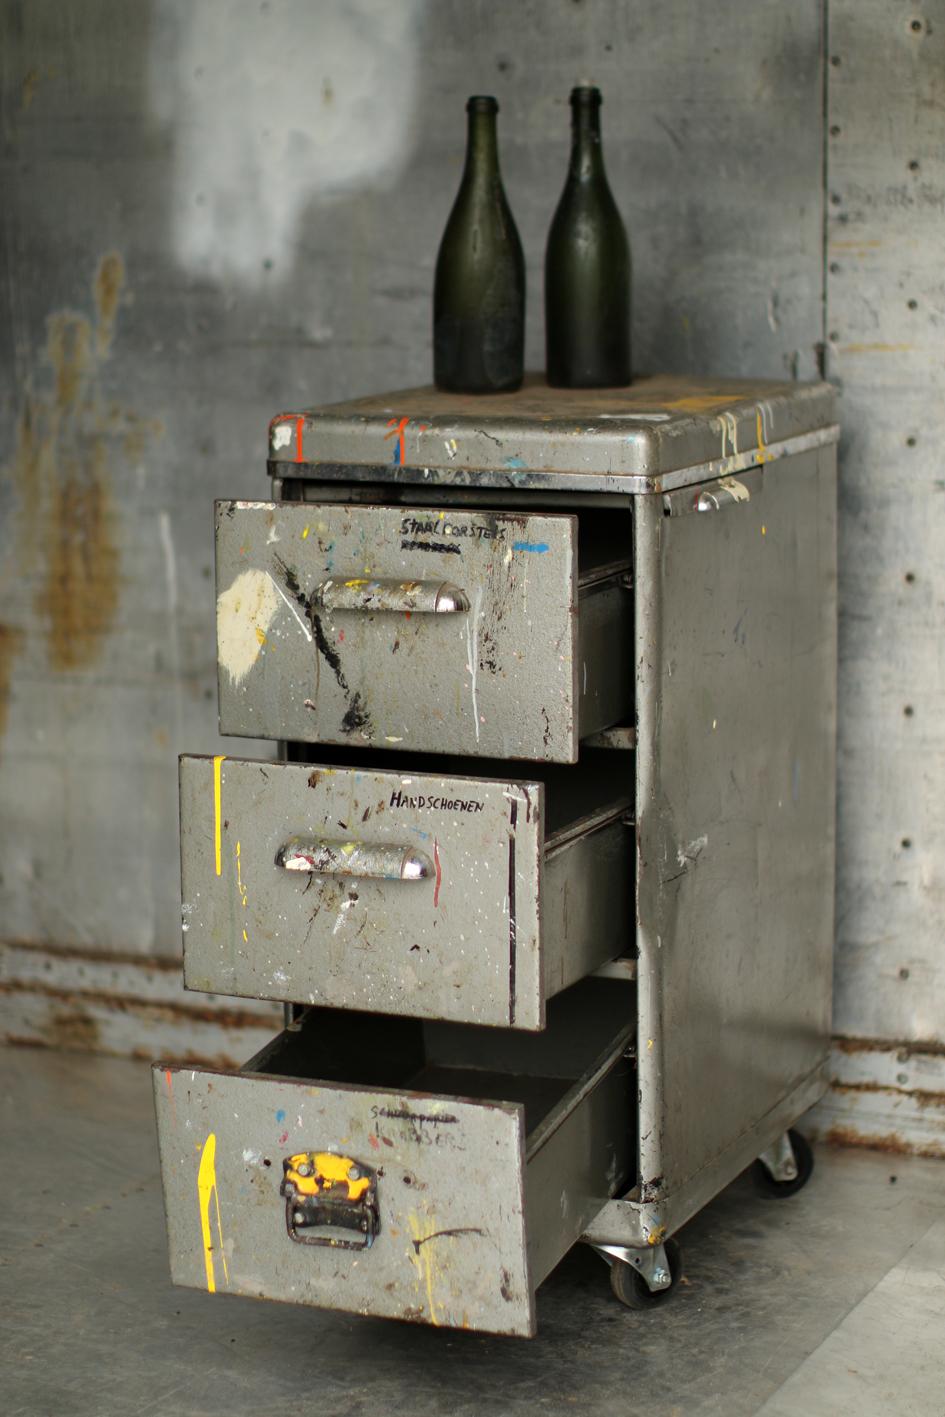 Metalen Ladekast Op Wielen.Industrieel Vintage Ladekast Metaal Op Wielen Jaren 60